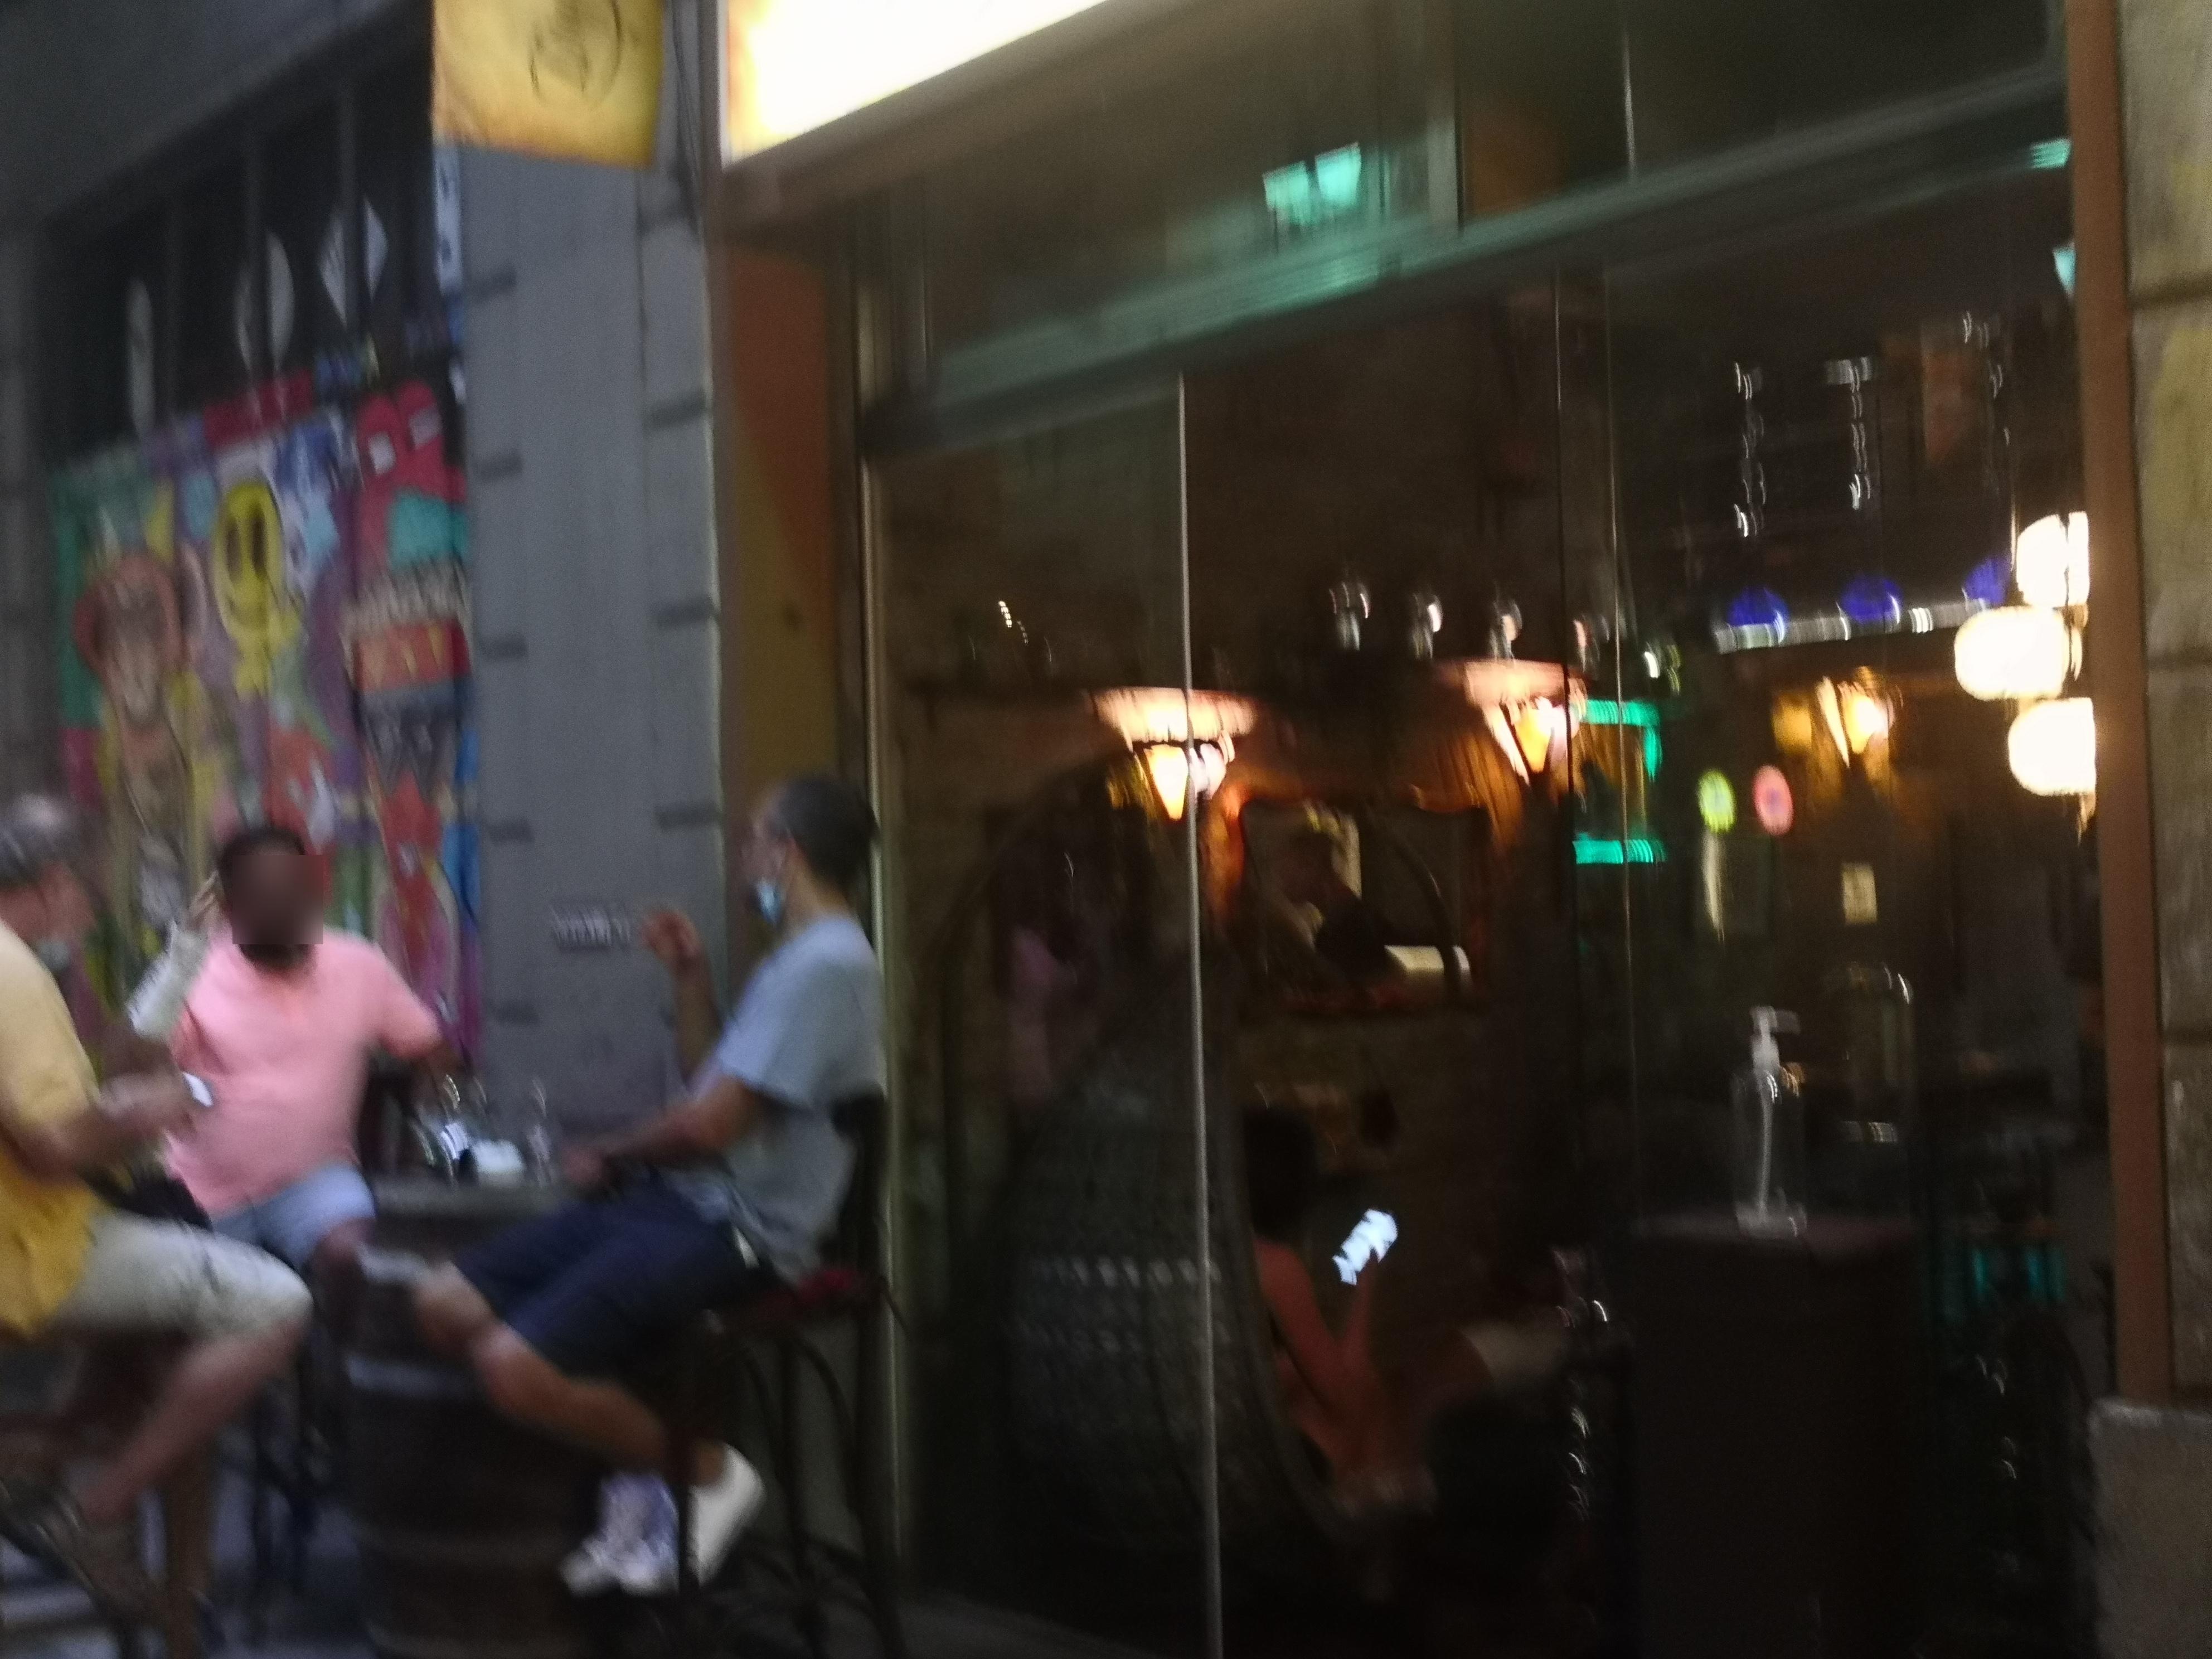 Grunyí, 4 - terraça il·legal en carrer molt estret!!